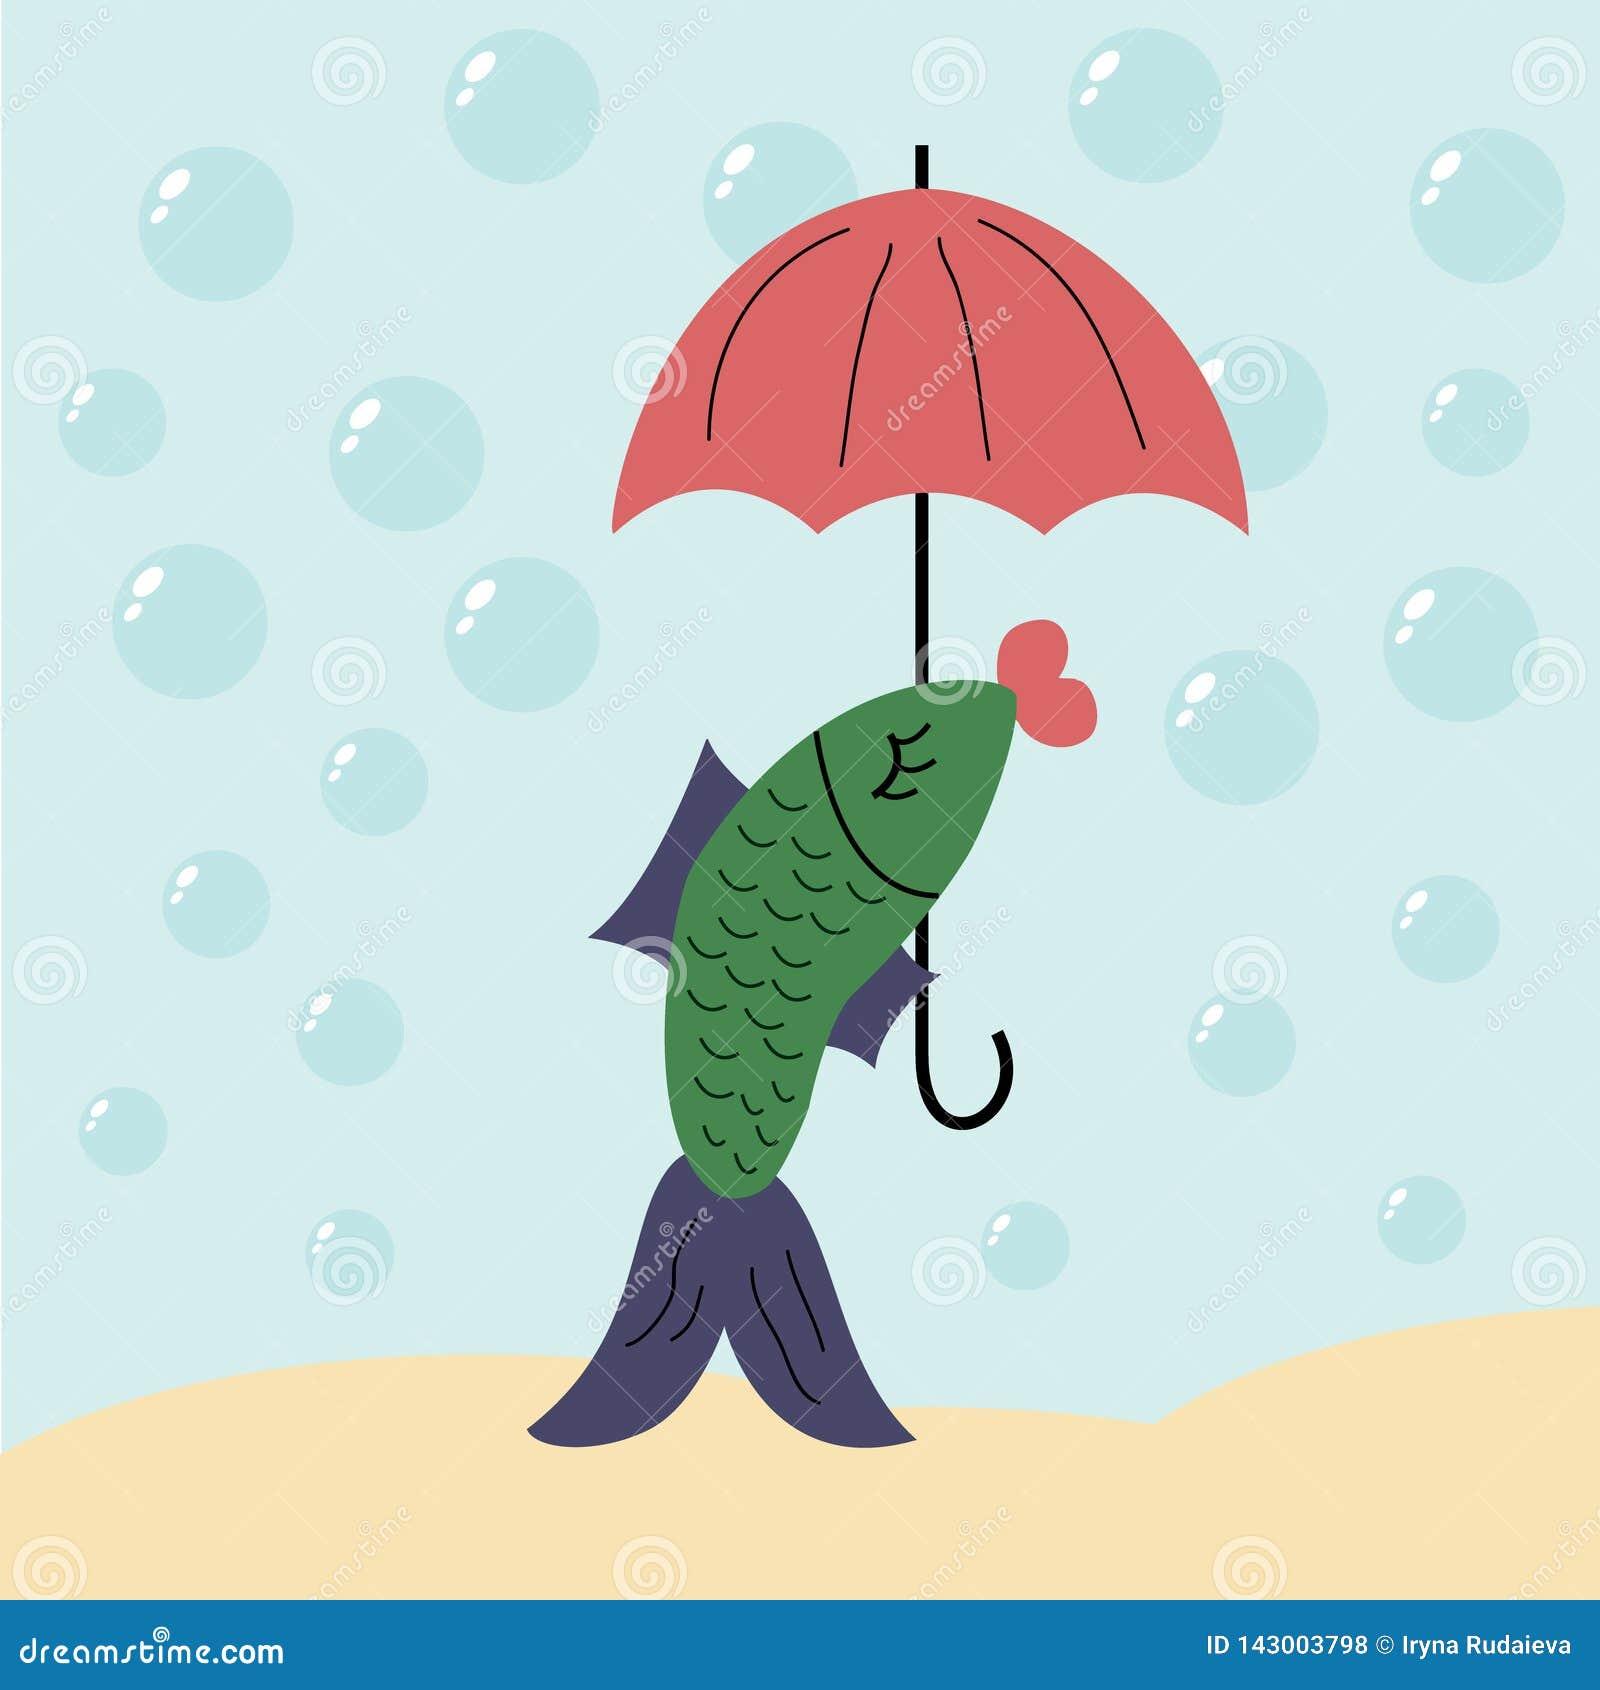 Fish under the umbrella